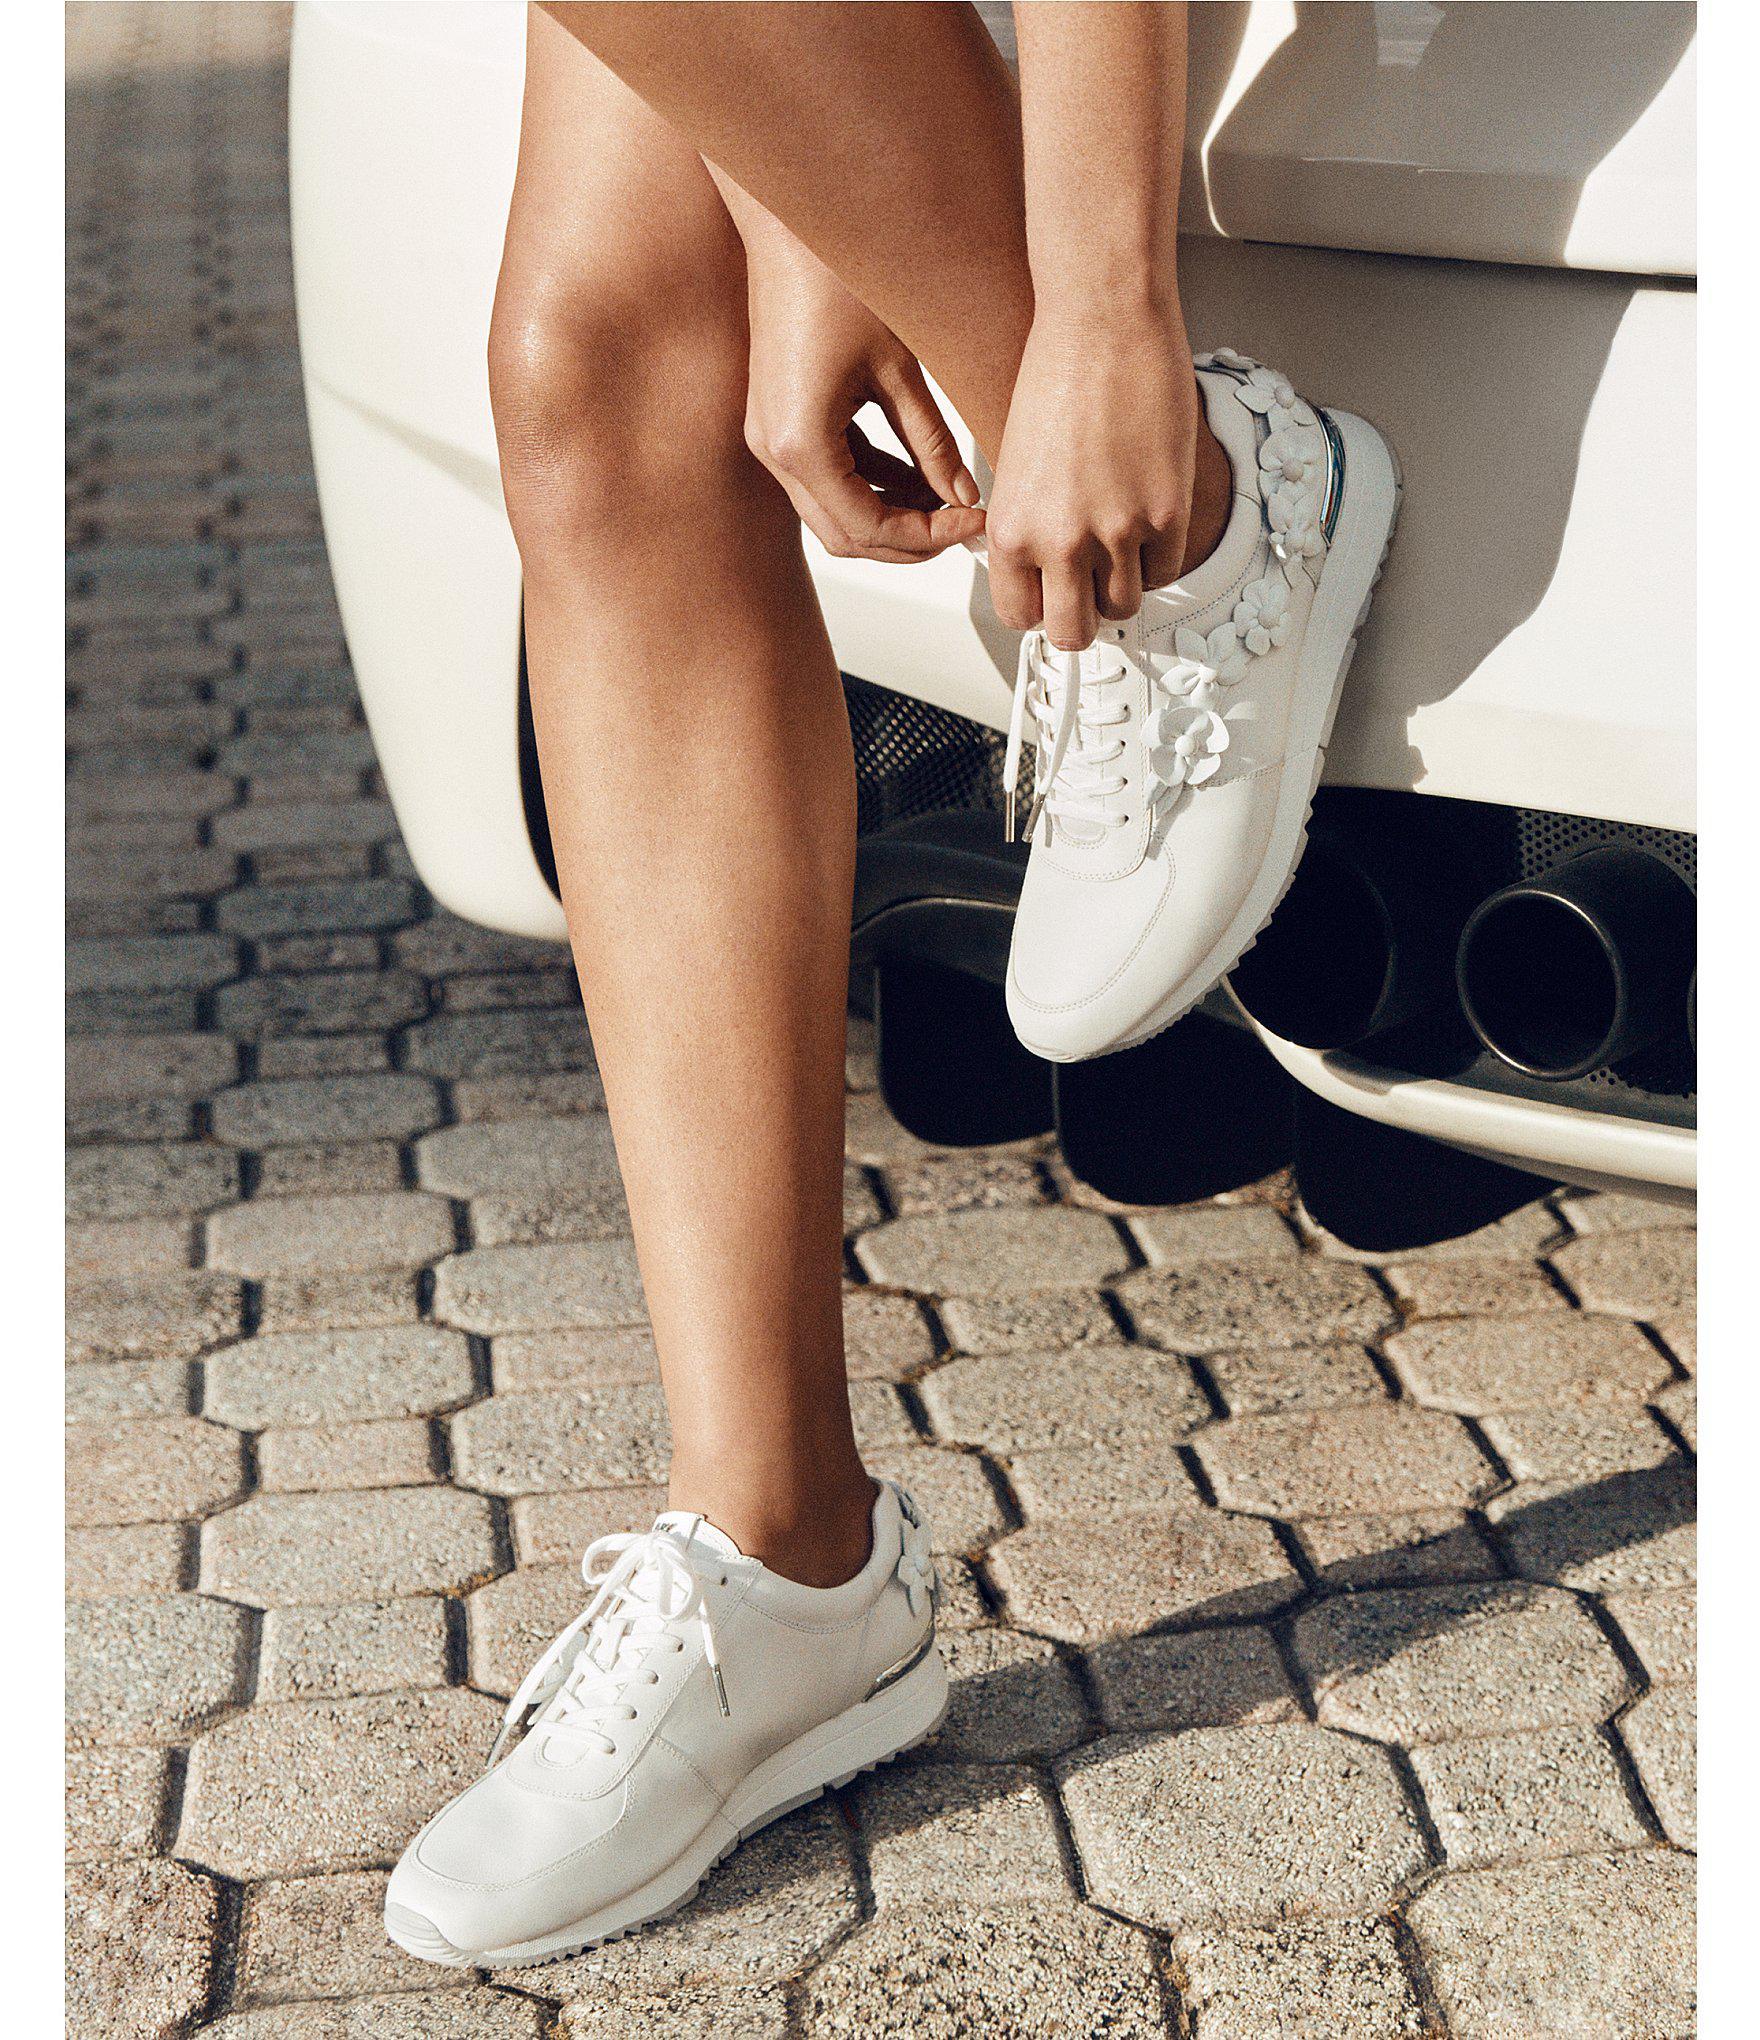 c221f883faed Lyst - MICHAEL Michael Kors Allie Leather Floral Applique Trainer ...